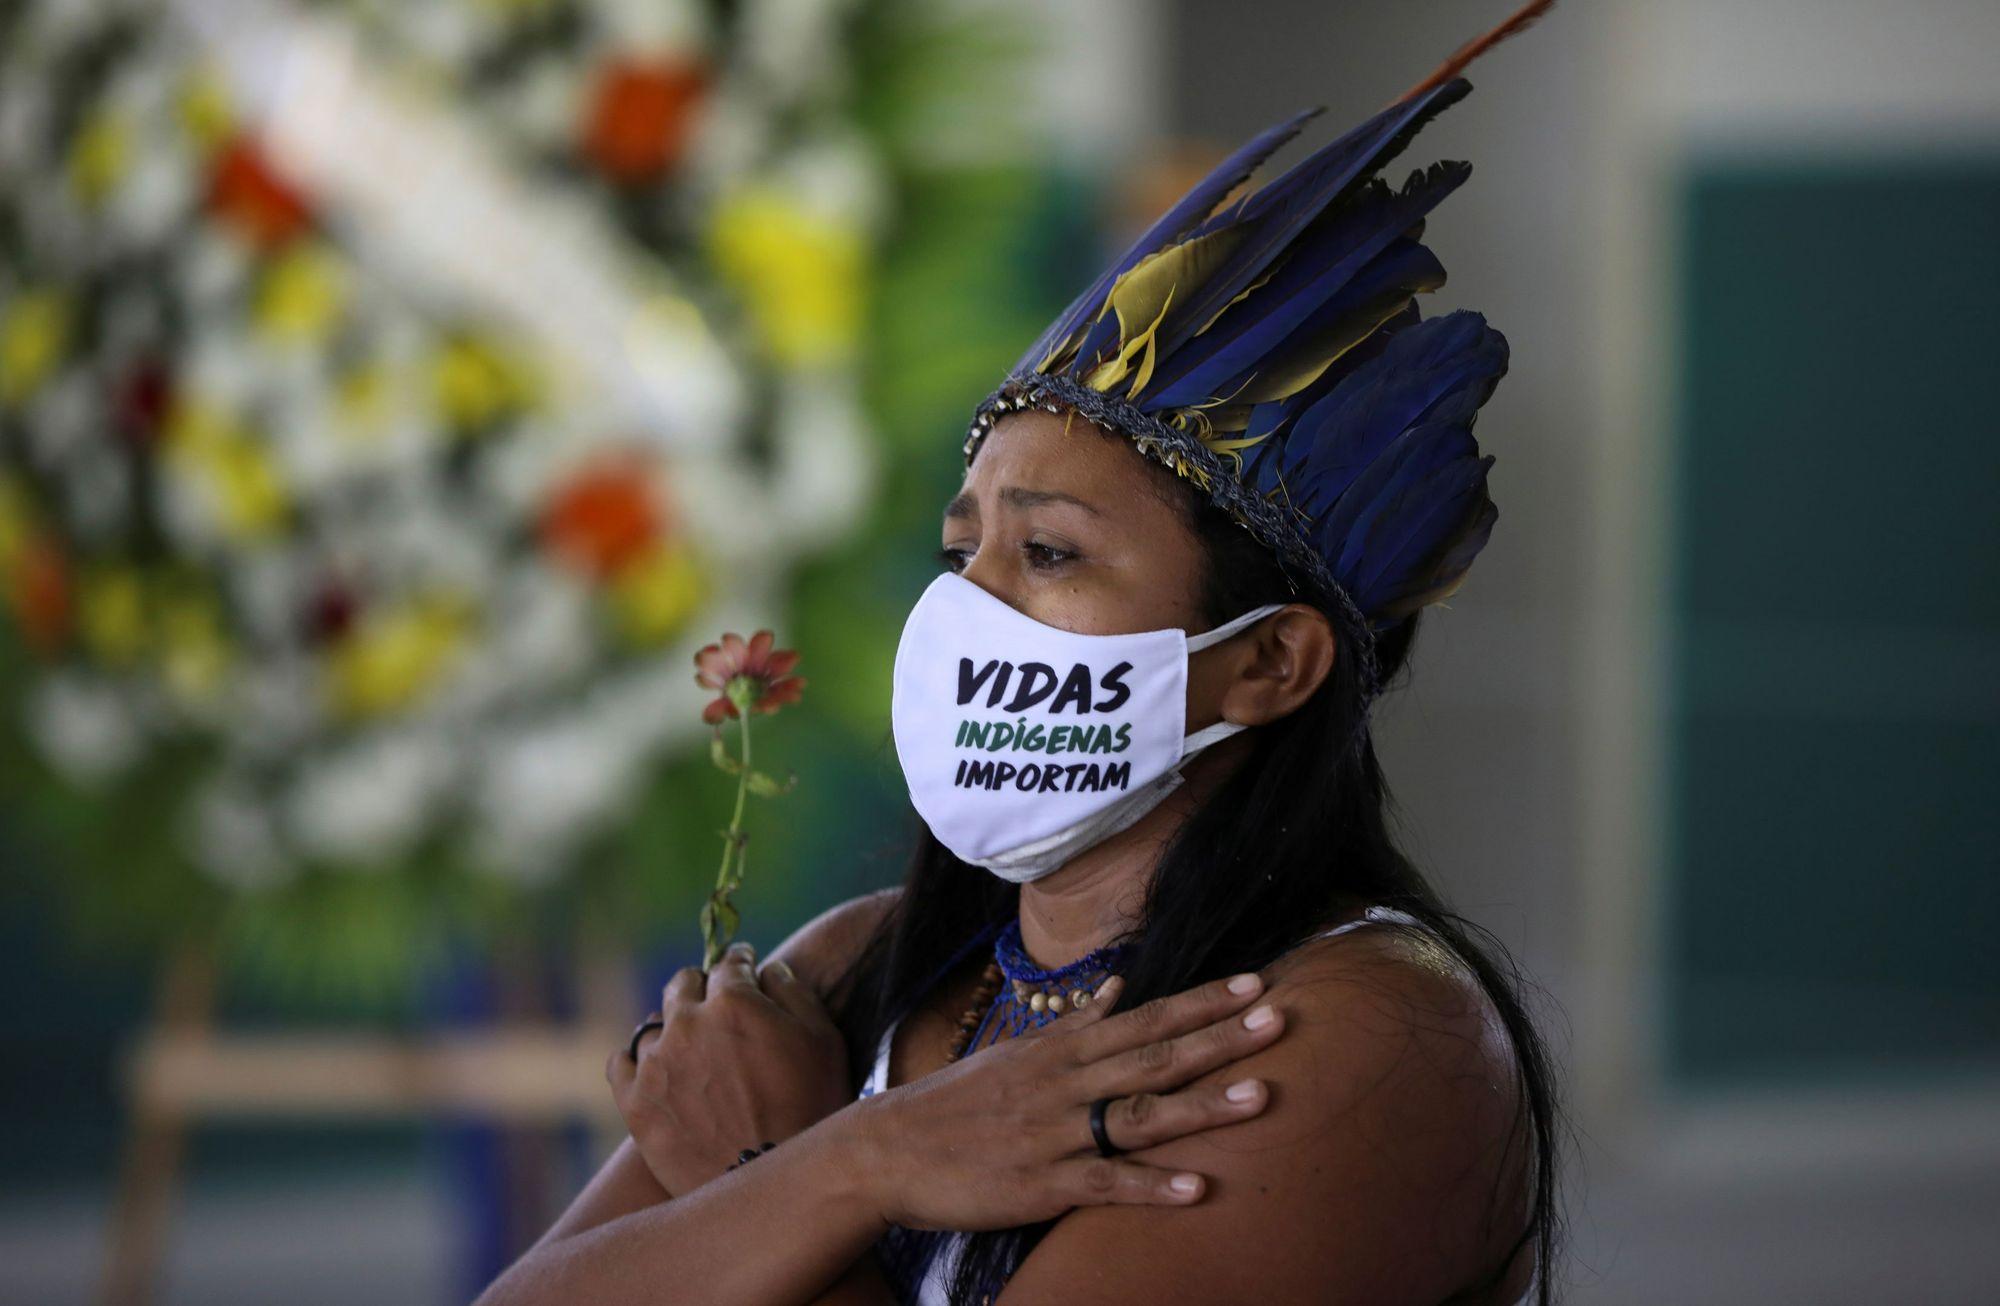 Vida indígenas importam